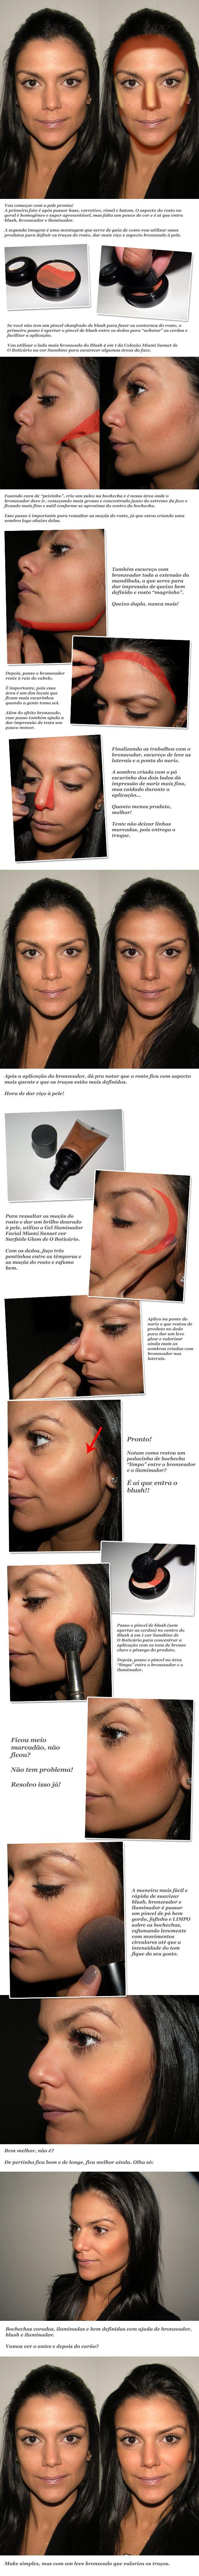 Como fazer o contorno e a iluminação do rosto